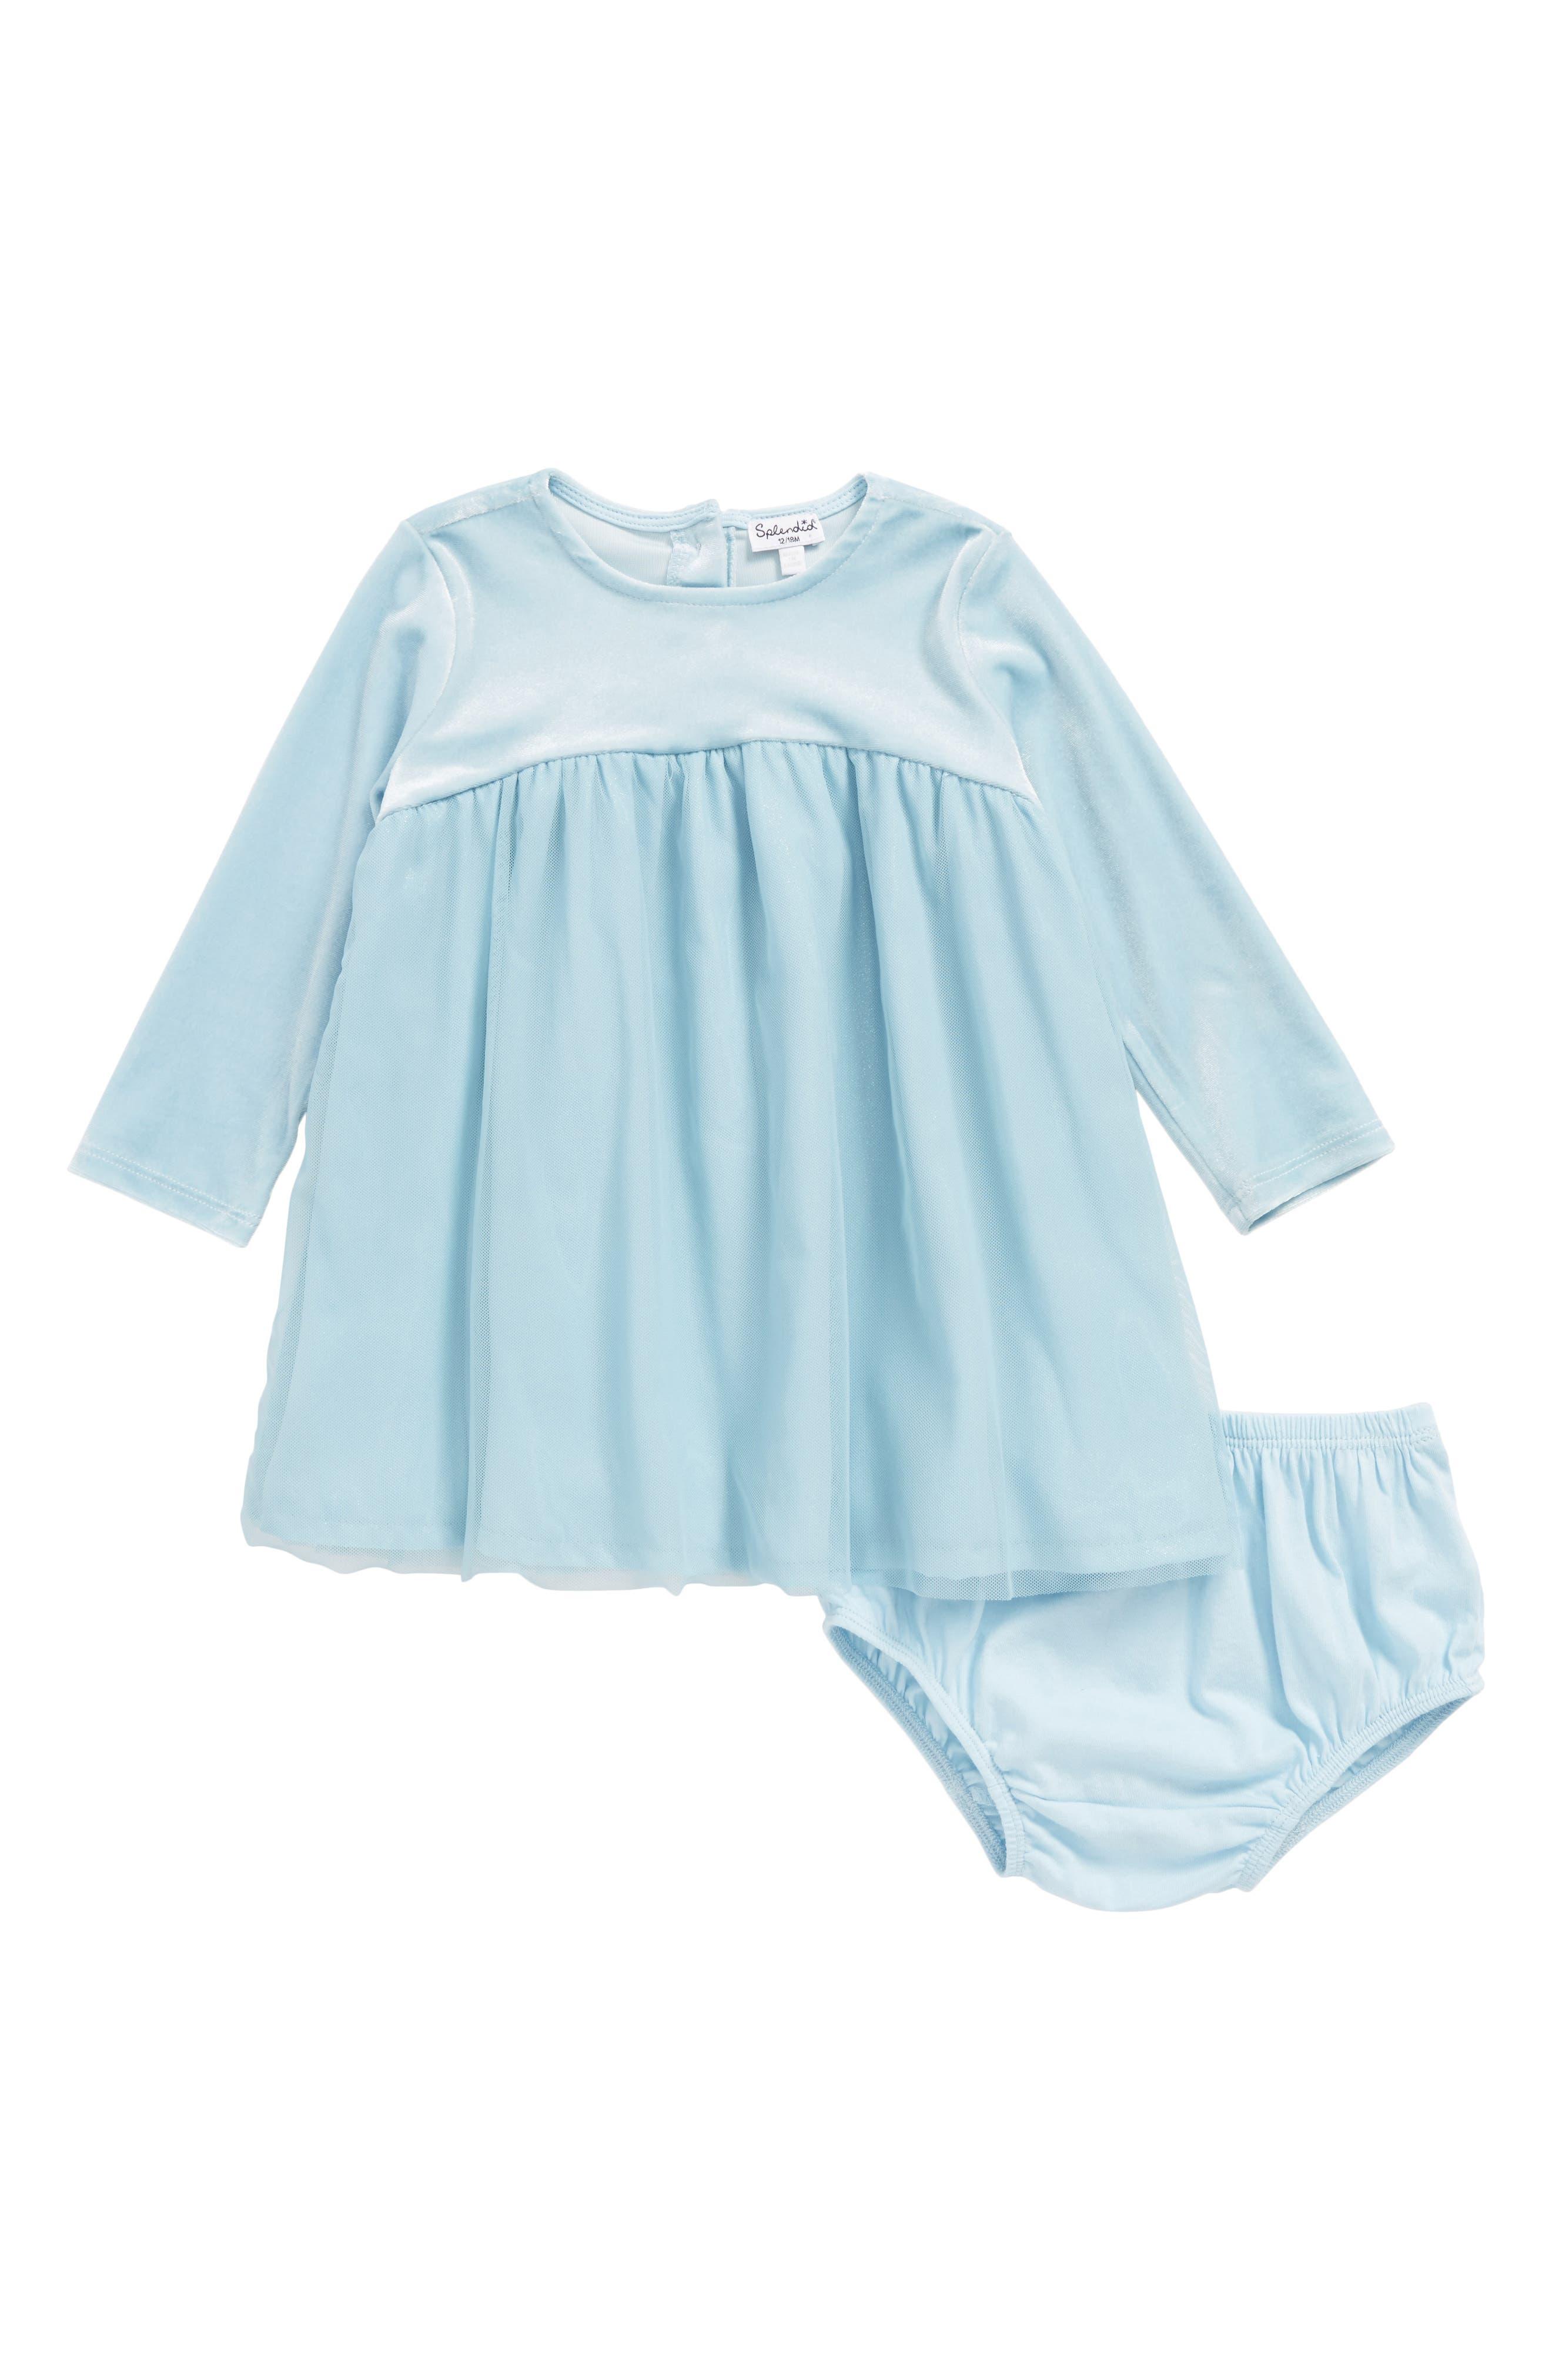 Alternate Image 1 Selected - Splendid Tulle Dress (Baby Girls)